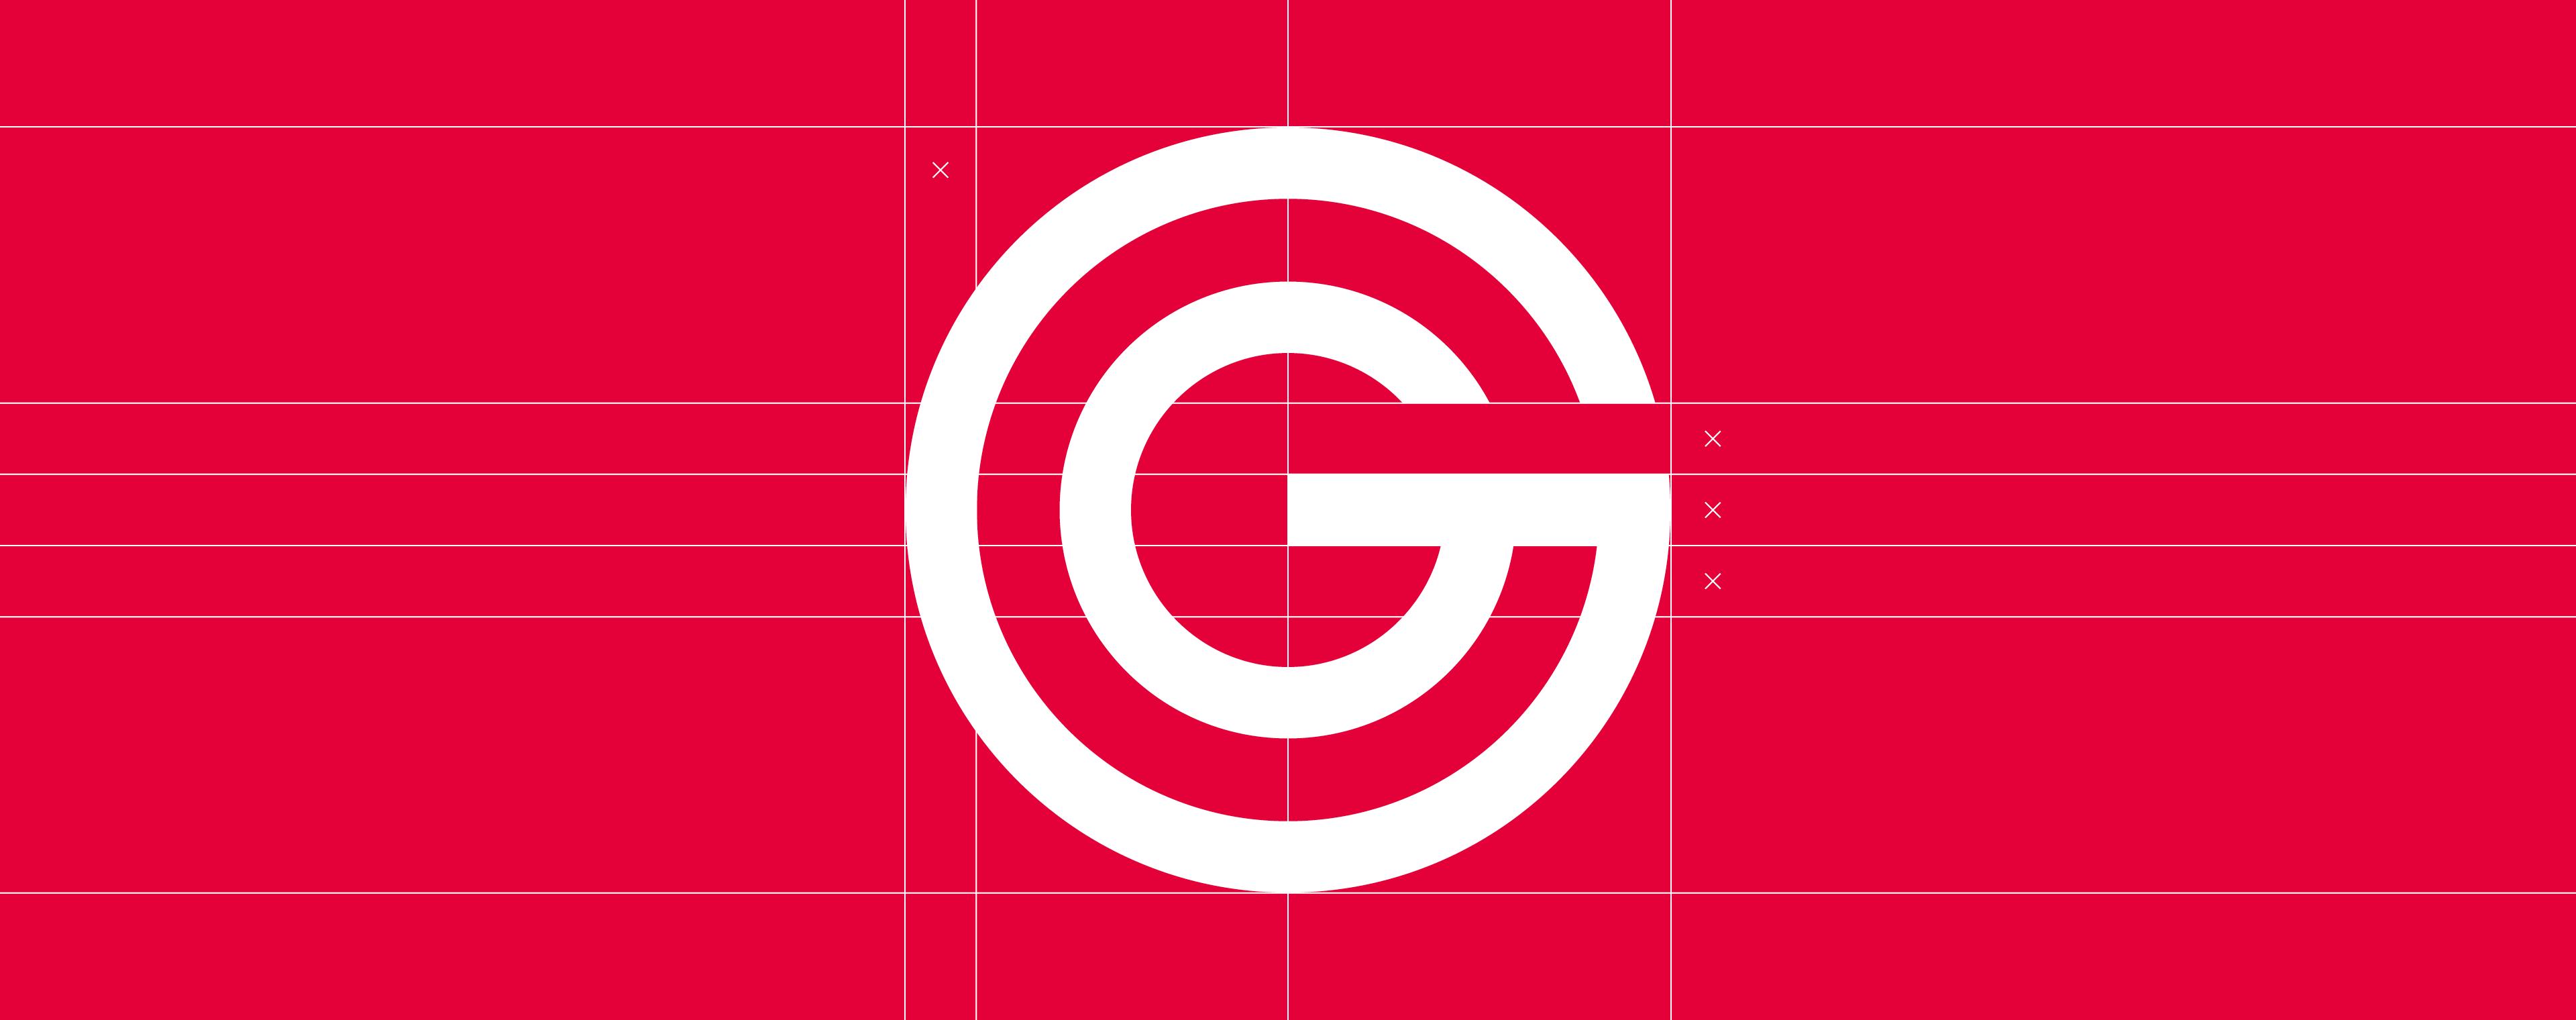 Logo und Signet mit geometrischem Aufbau für Güthler Glasfassaden GmbH